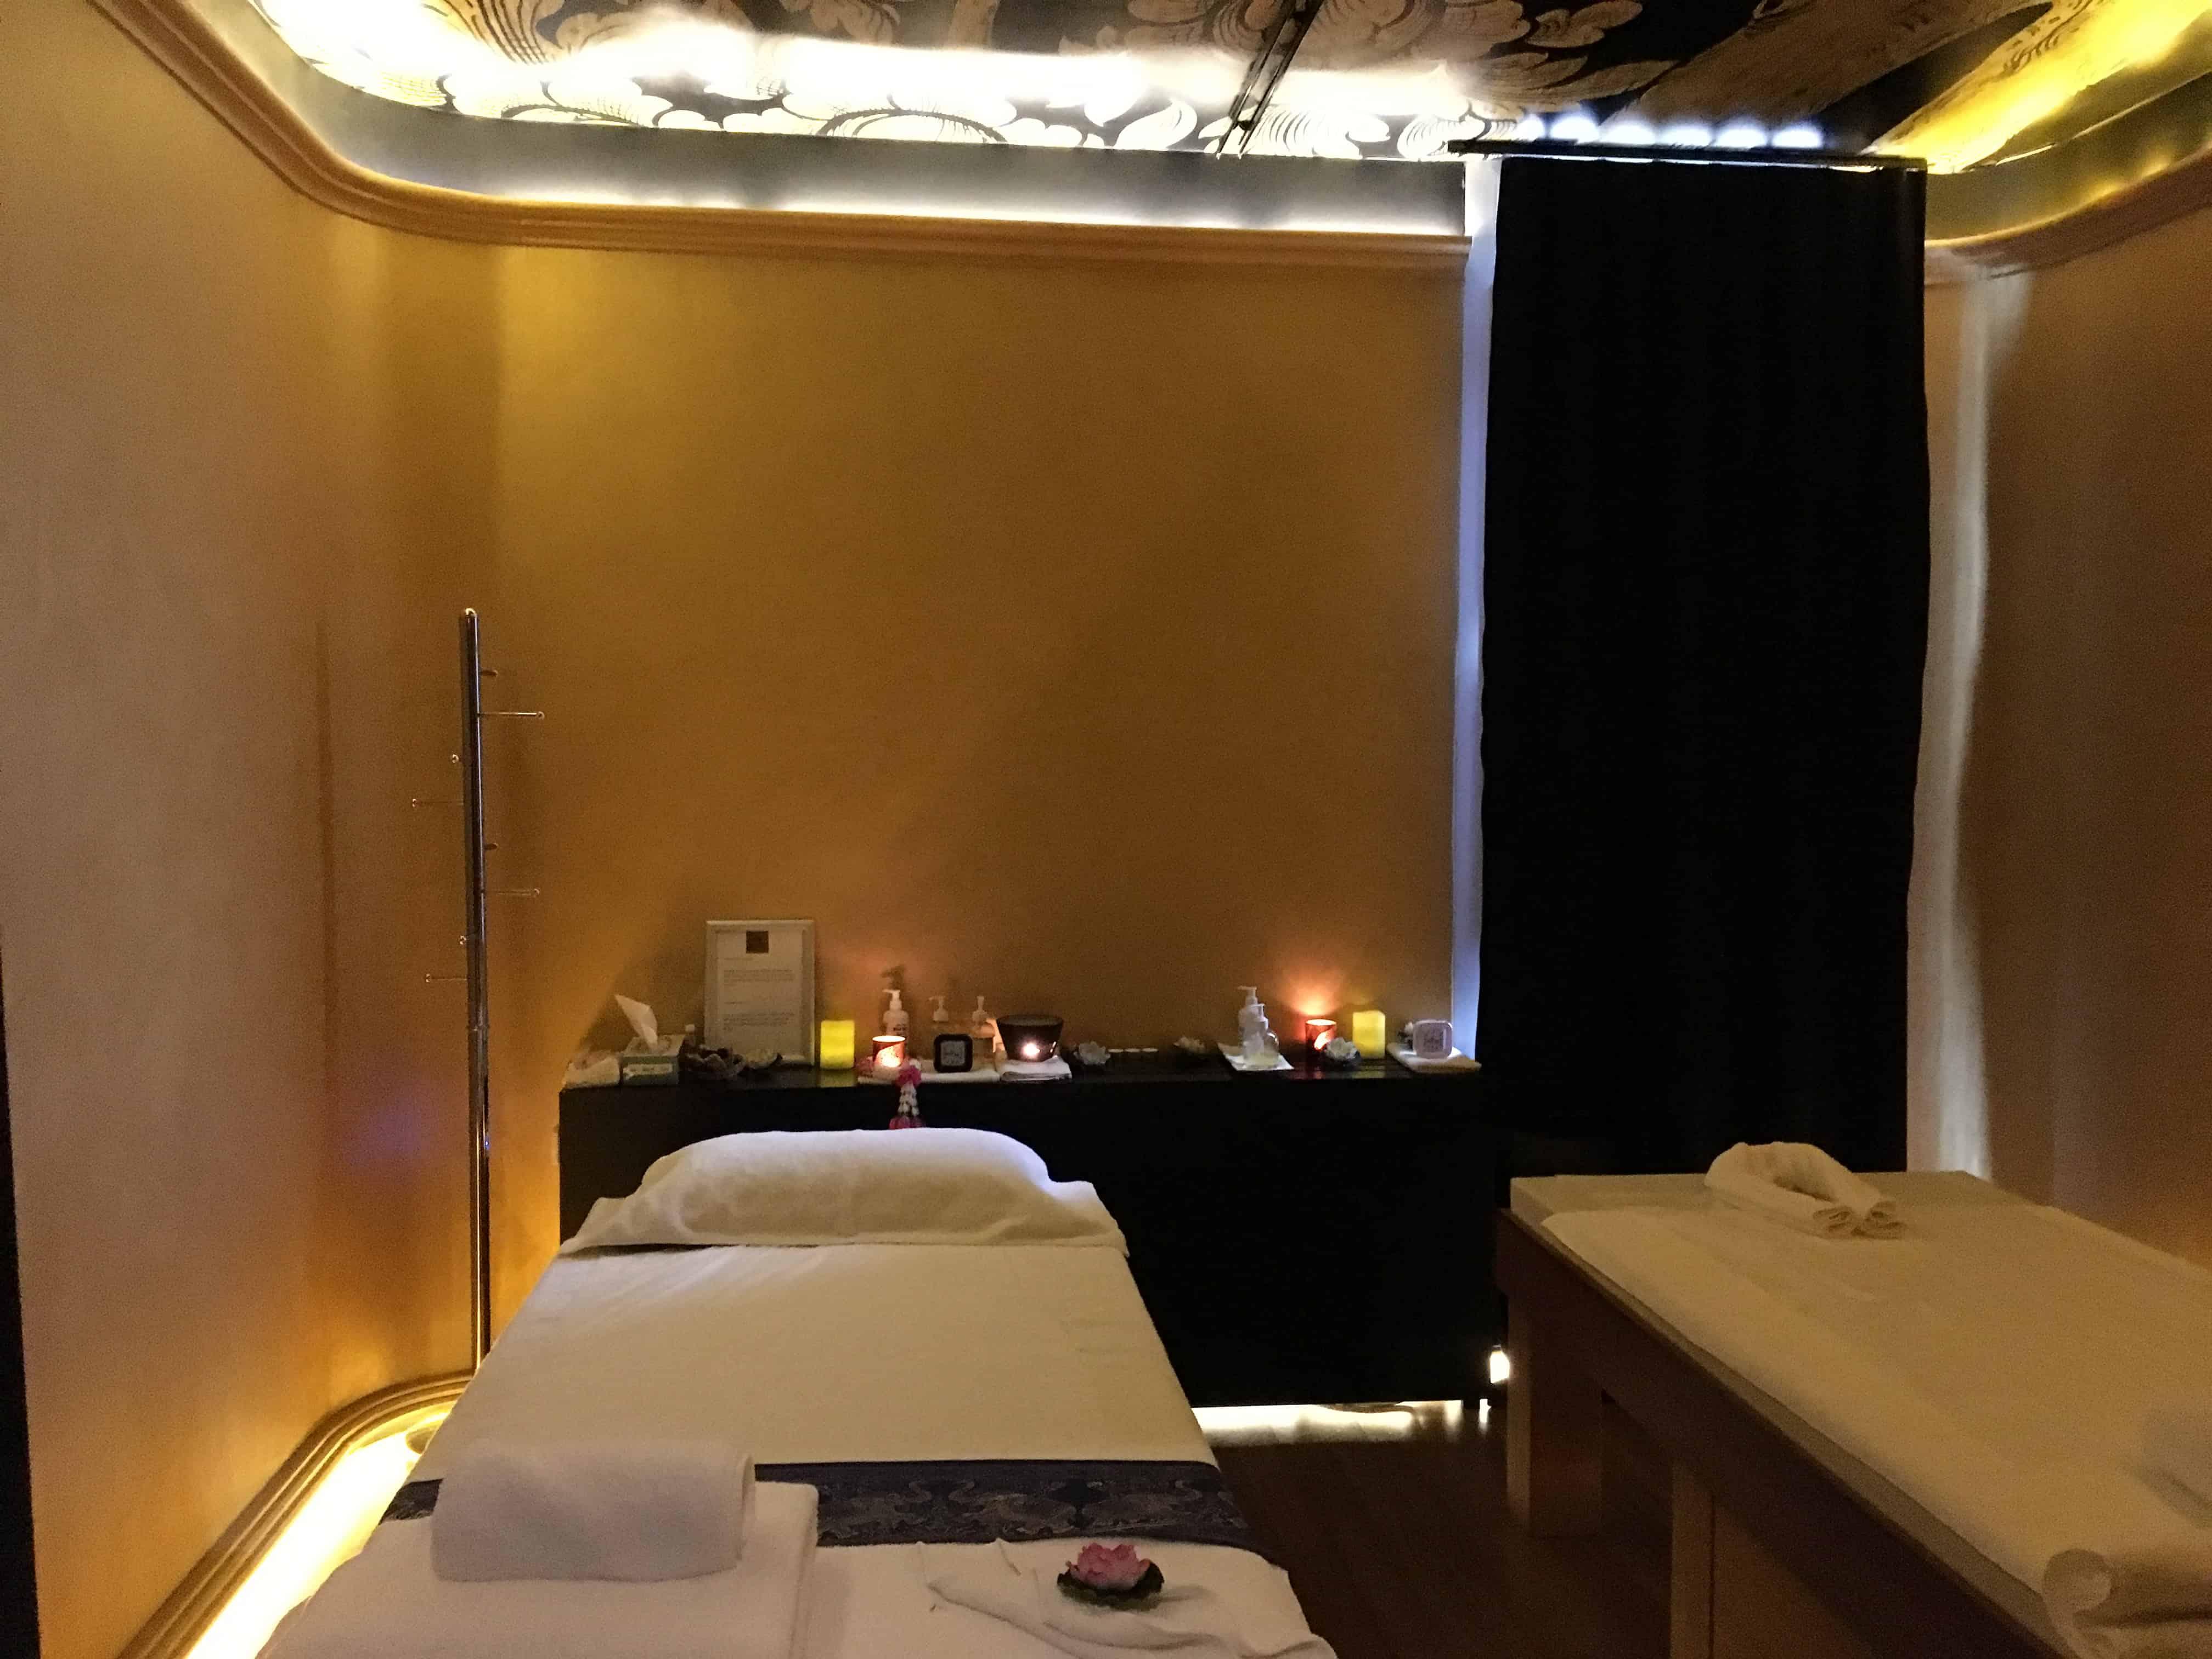 Espaço para massagens no hotel Slon em Ljubliana